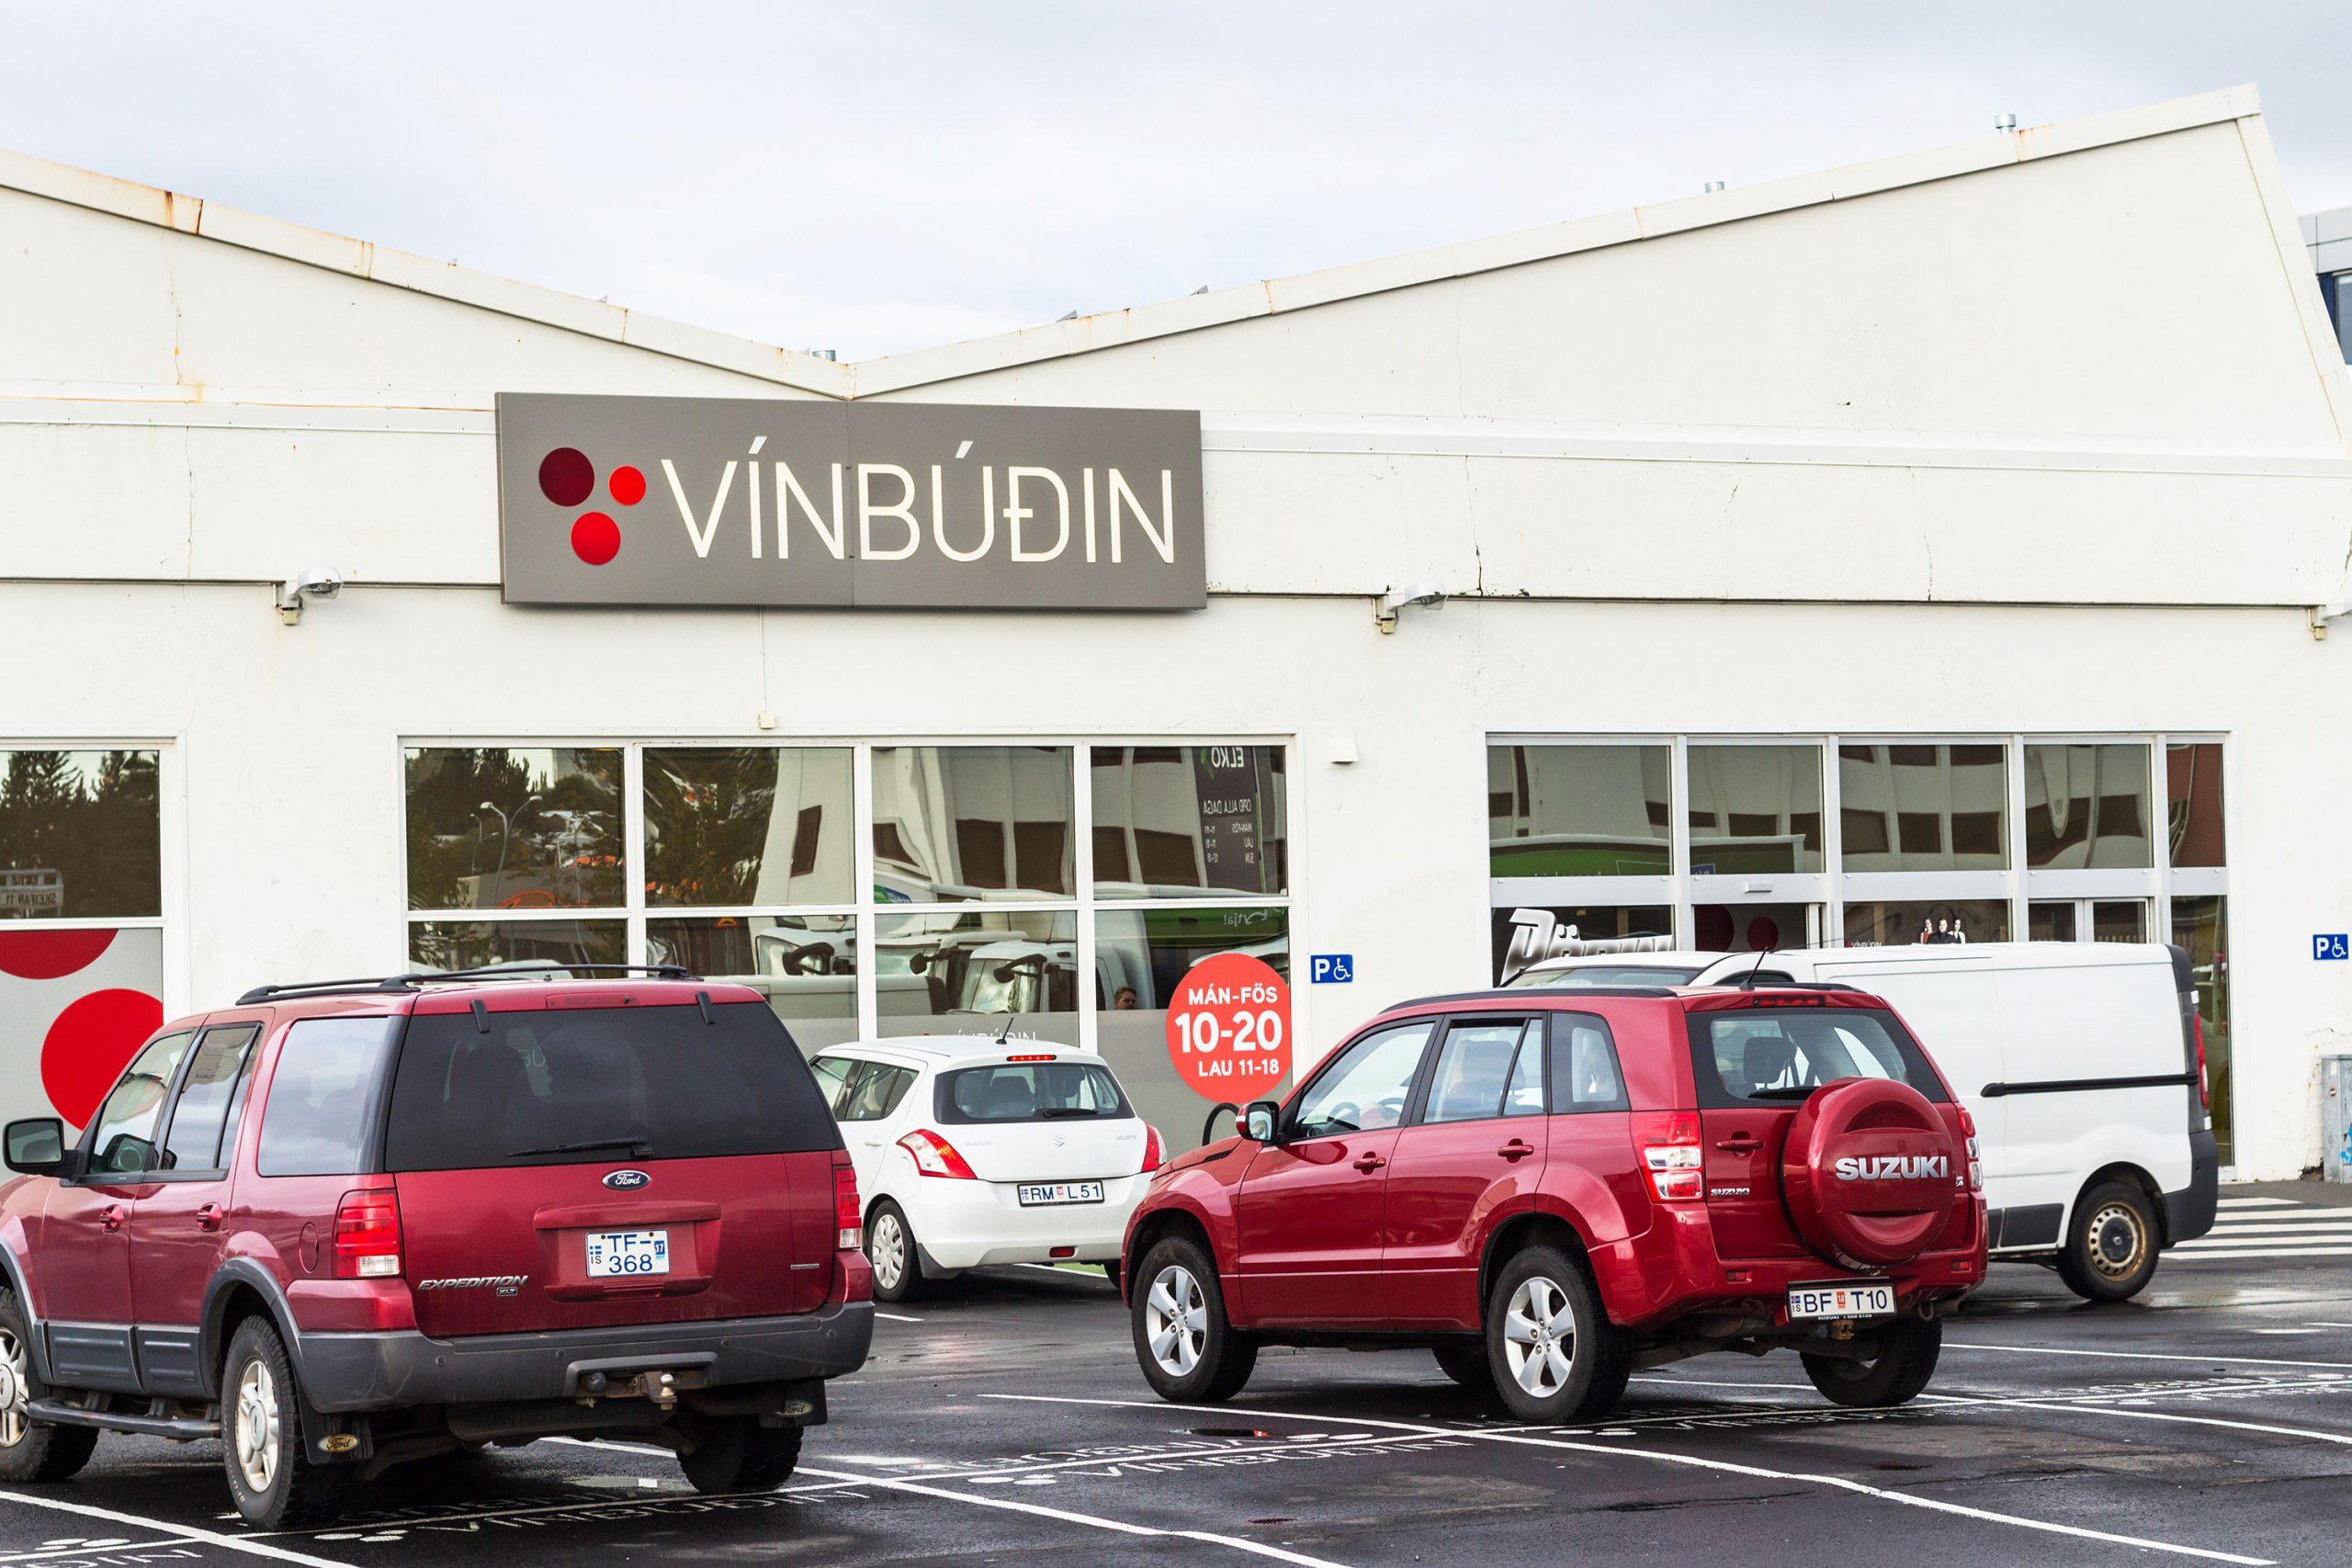 vinbudin Island Reykjavik alkohol butikk vin sprit